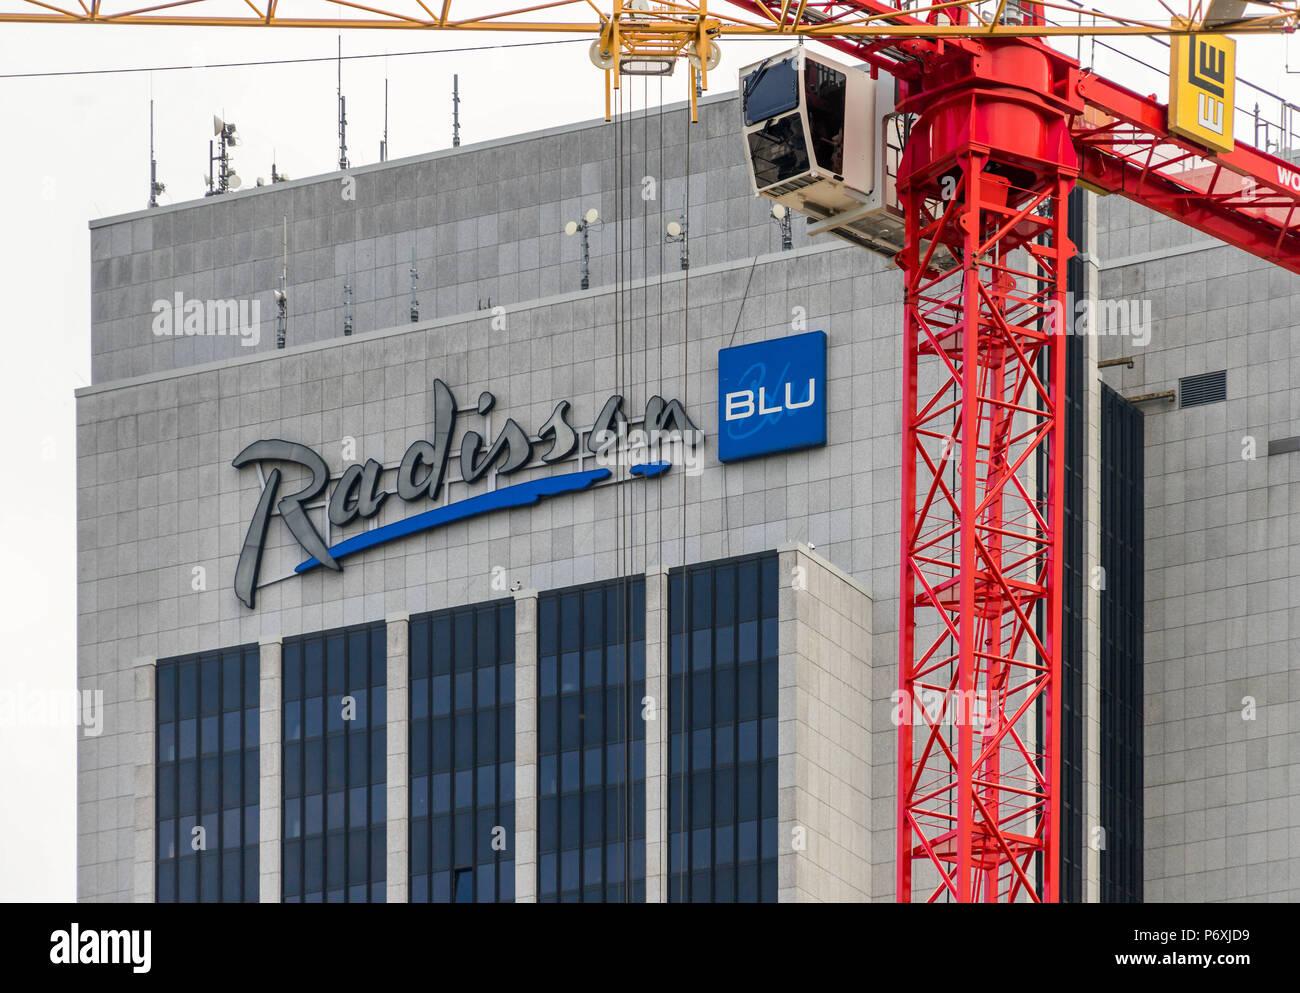 Hauptgebaude Des Radisson Blu Hotel In Hamburg In Der Nahe Des Cch